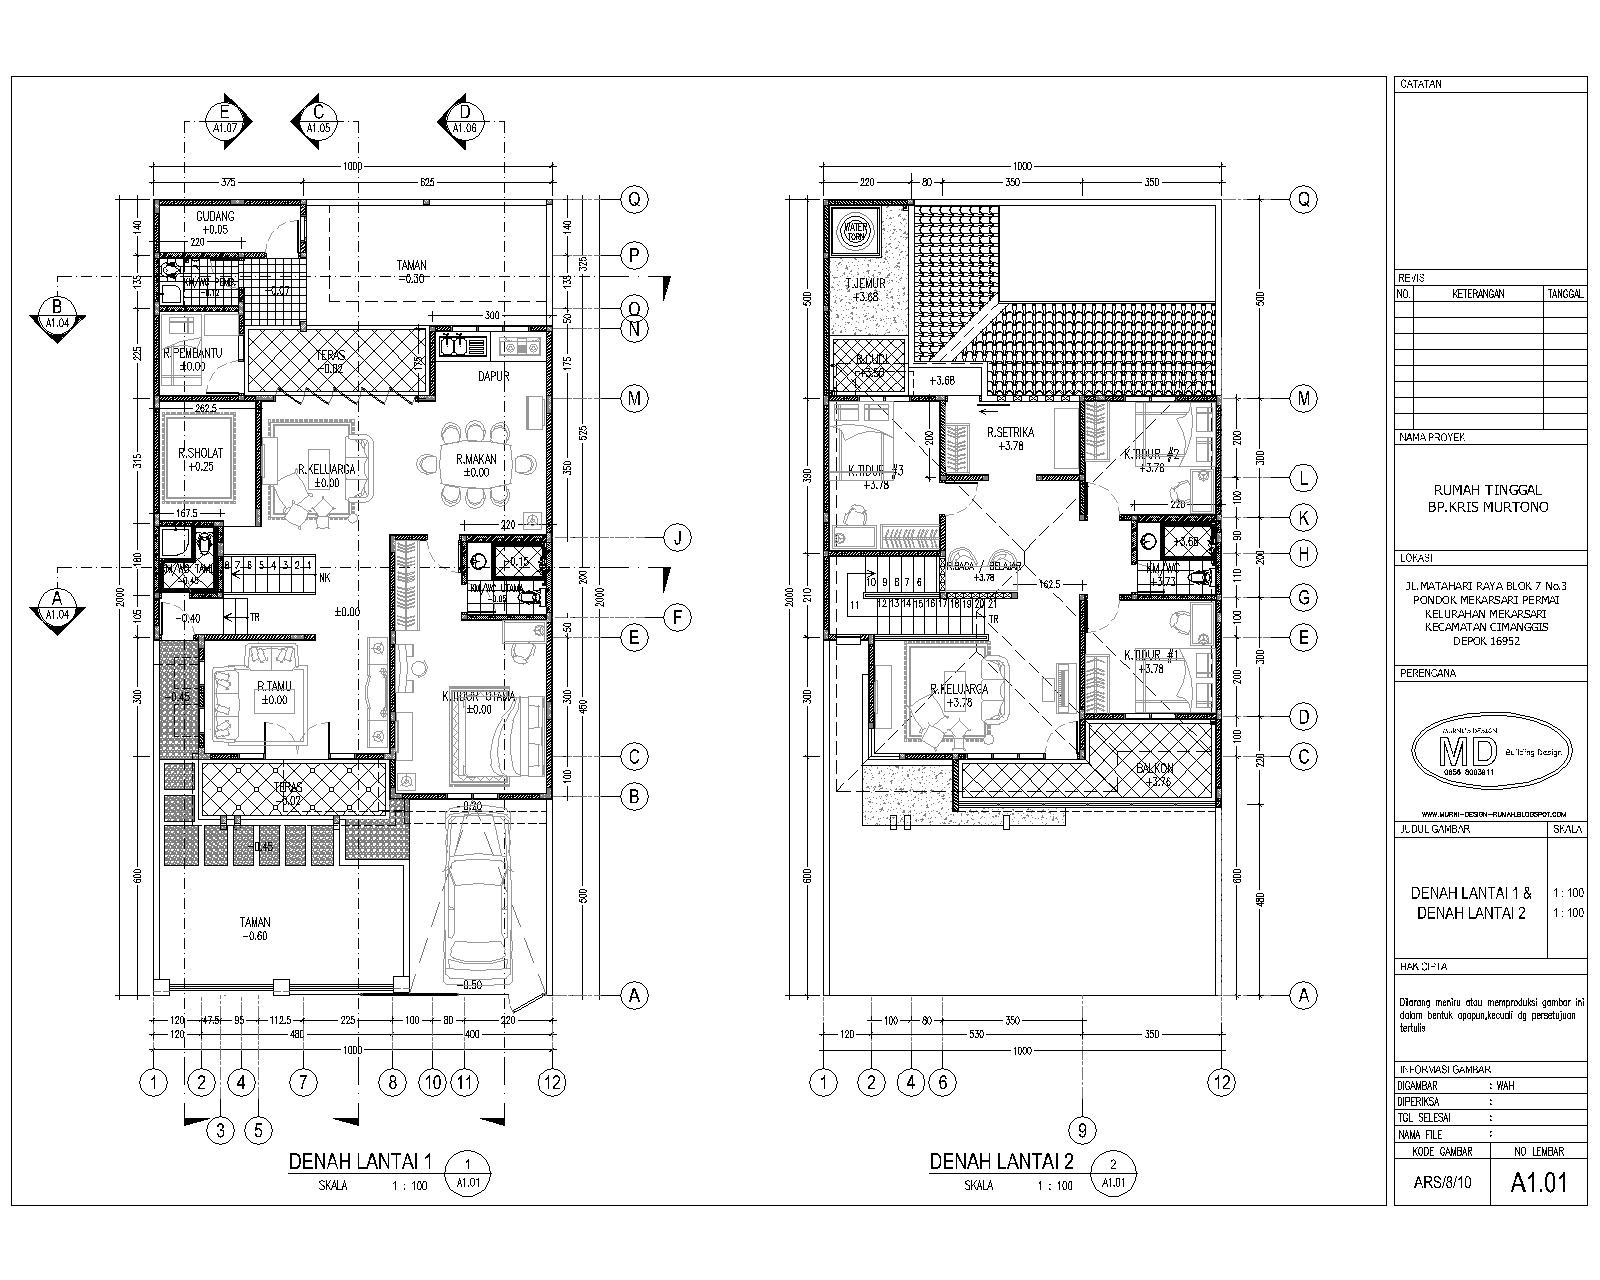 Denah Rumah Tingkat 2 Lantai Perumahan Model Minimalis